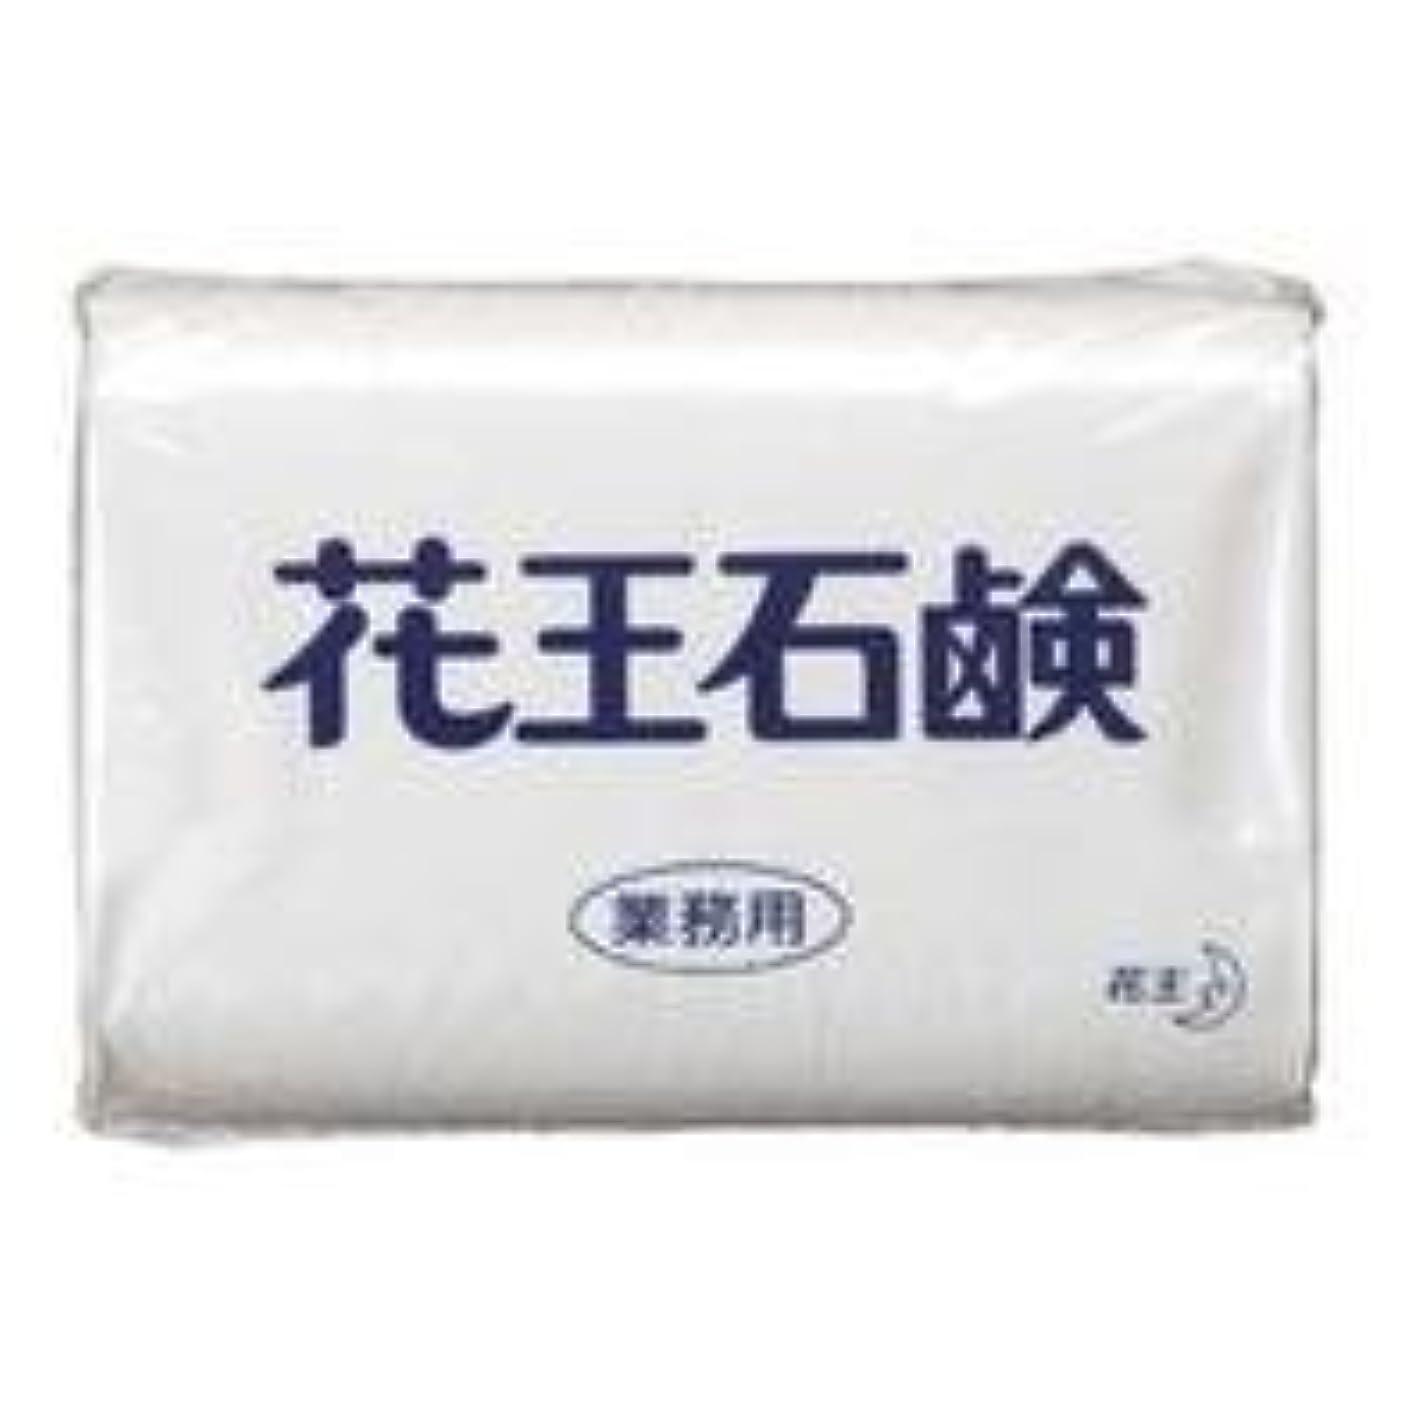 コインランドリー陪審不毛の業務用石鹸 85g 3個×40パック(120個入り)